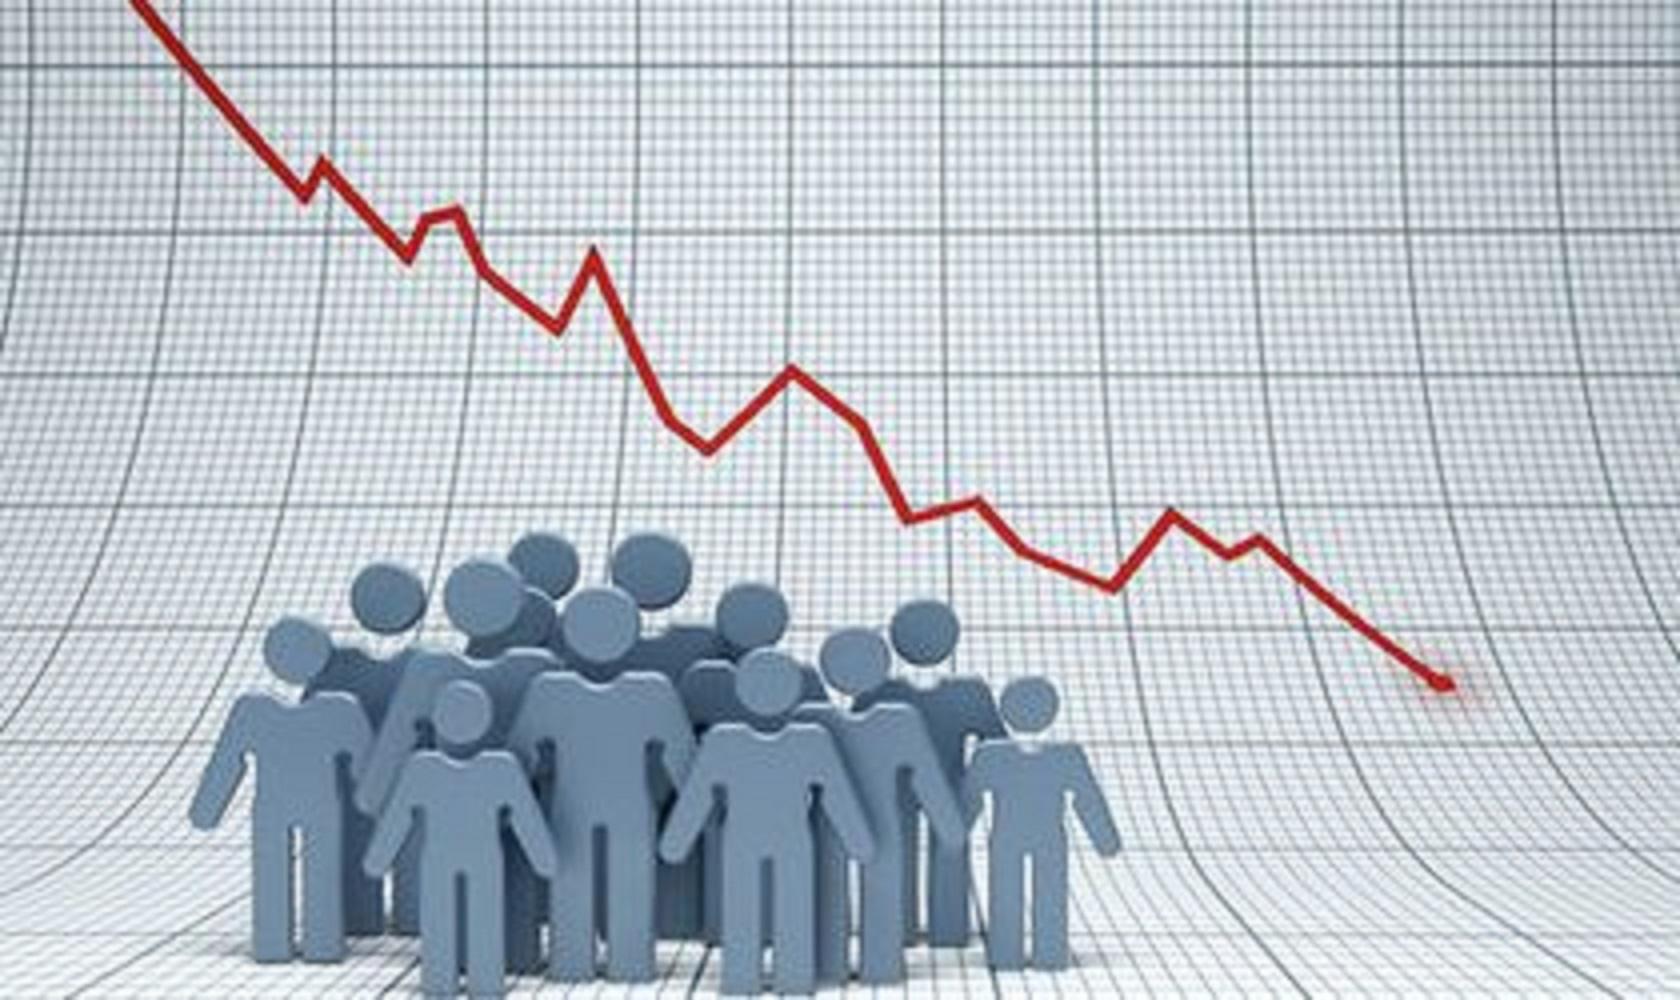 هشدار! جمعیت ایران کمتر از یازده سال دیگر پیر میشود/ مسئولان چاره بیندیشند